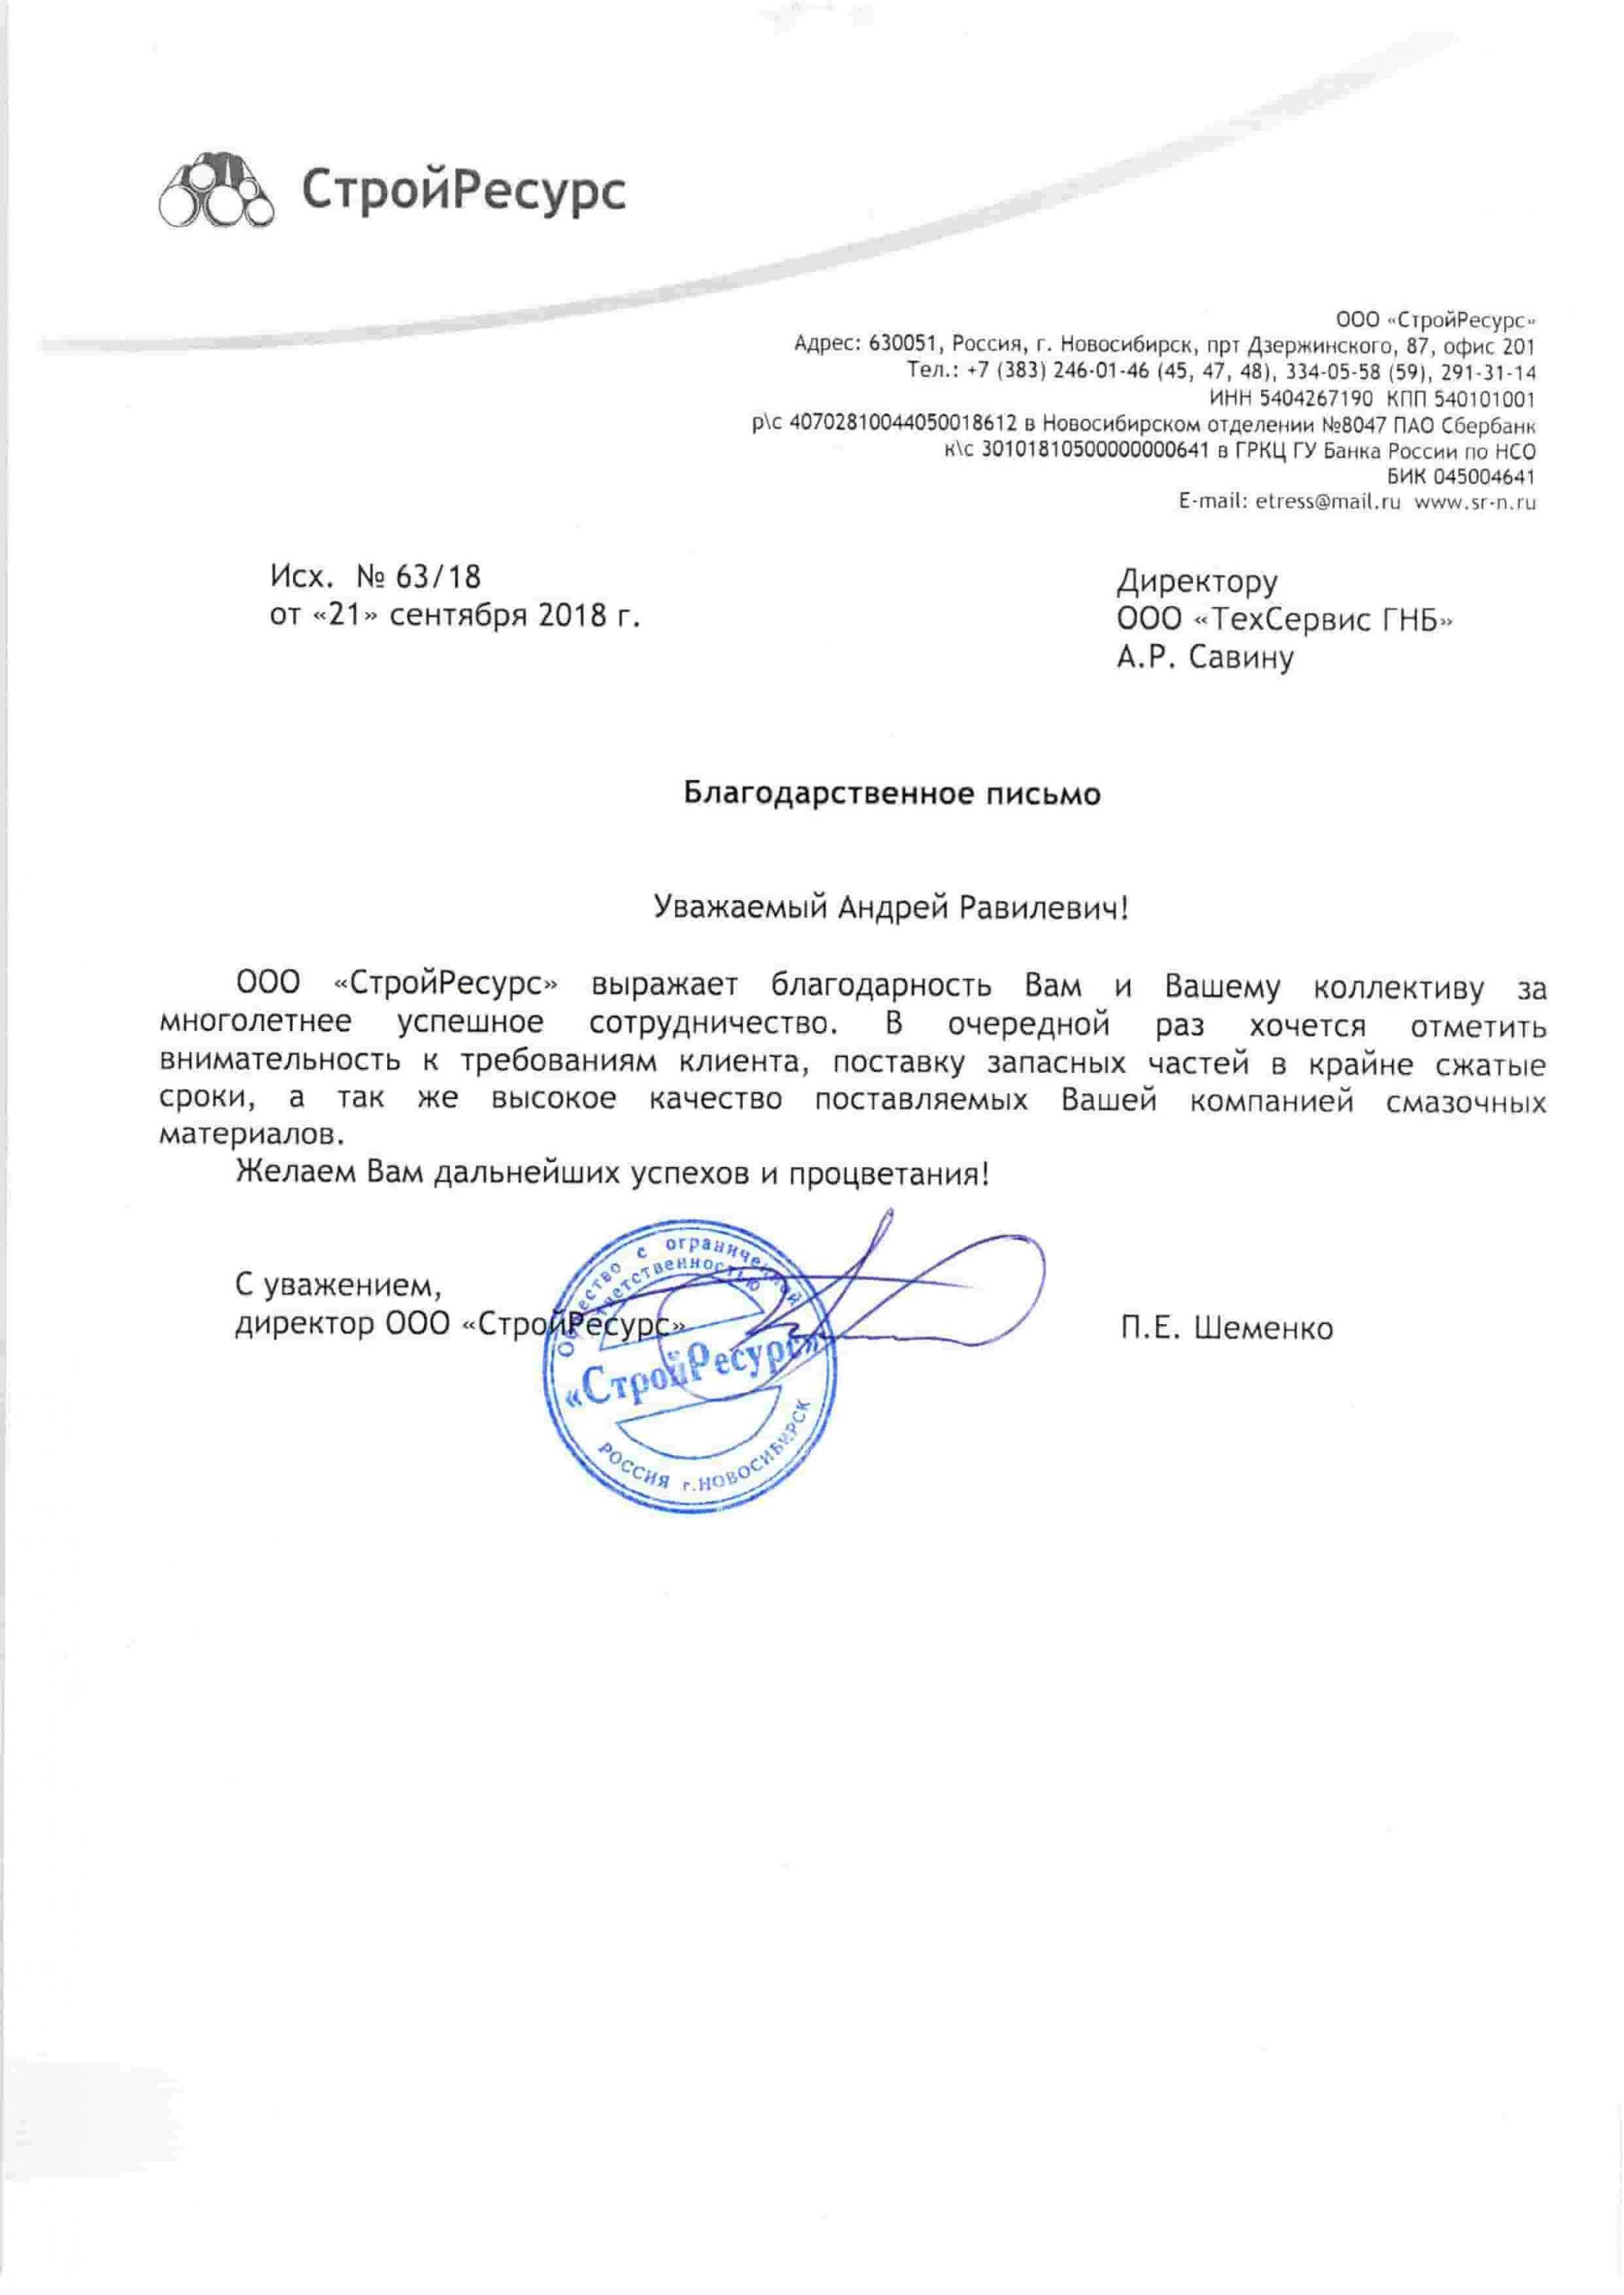 ООО «СтройРесурс» г. Новосибирск